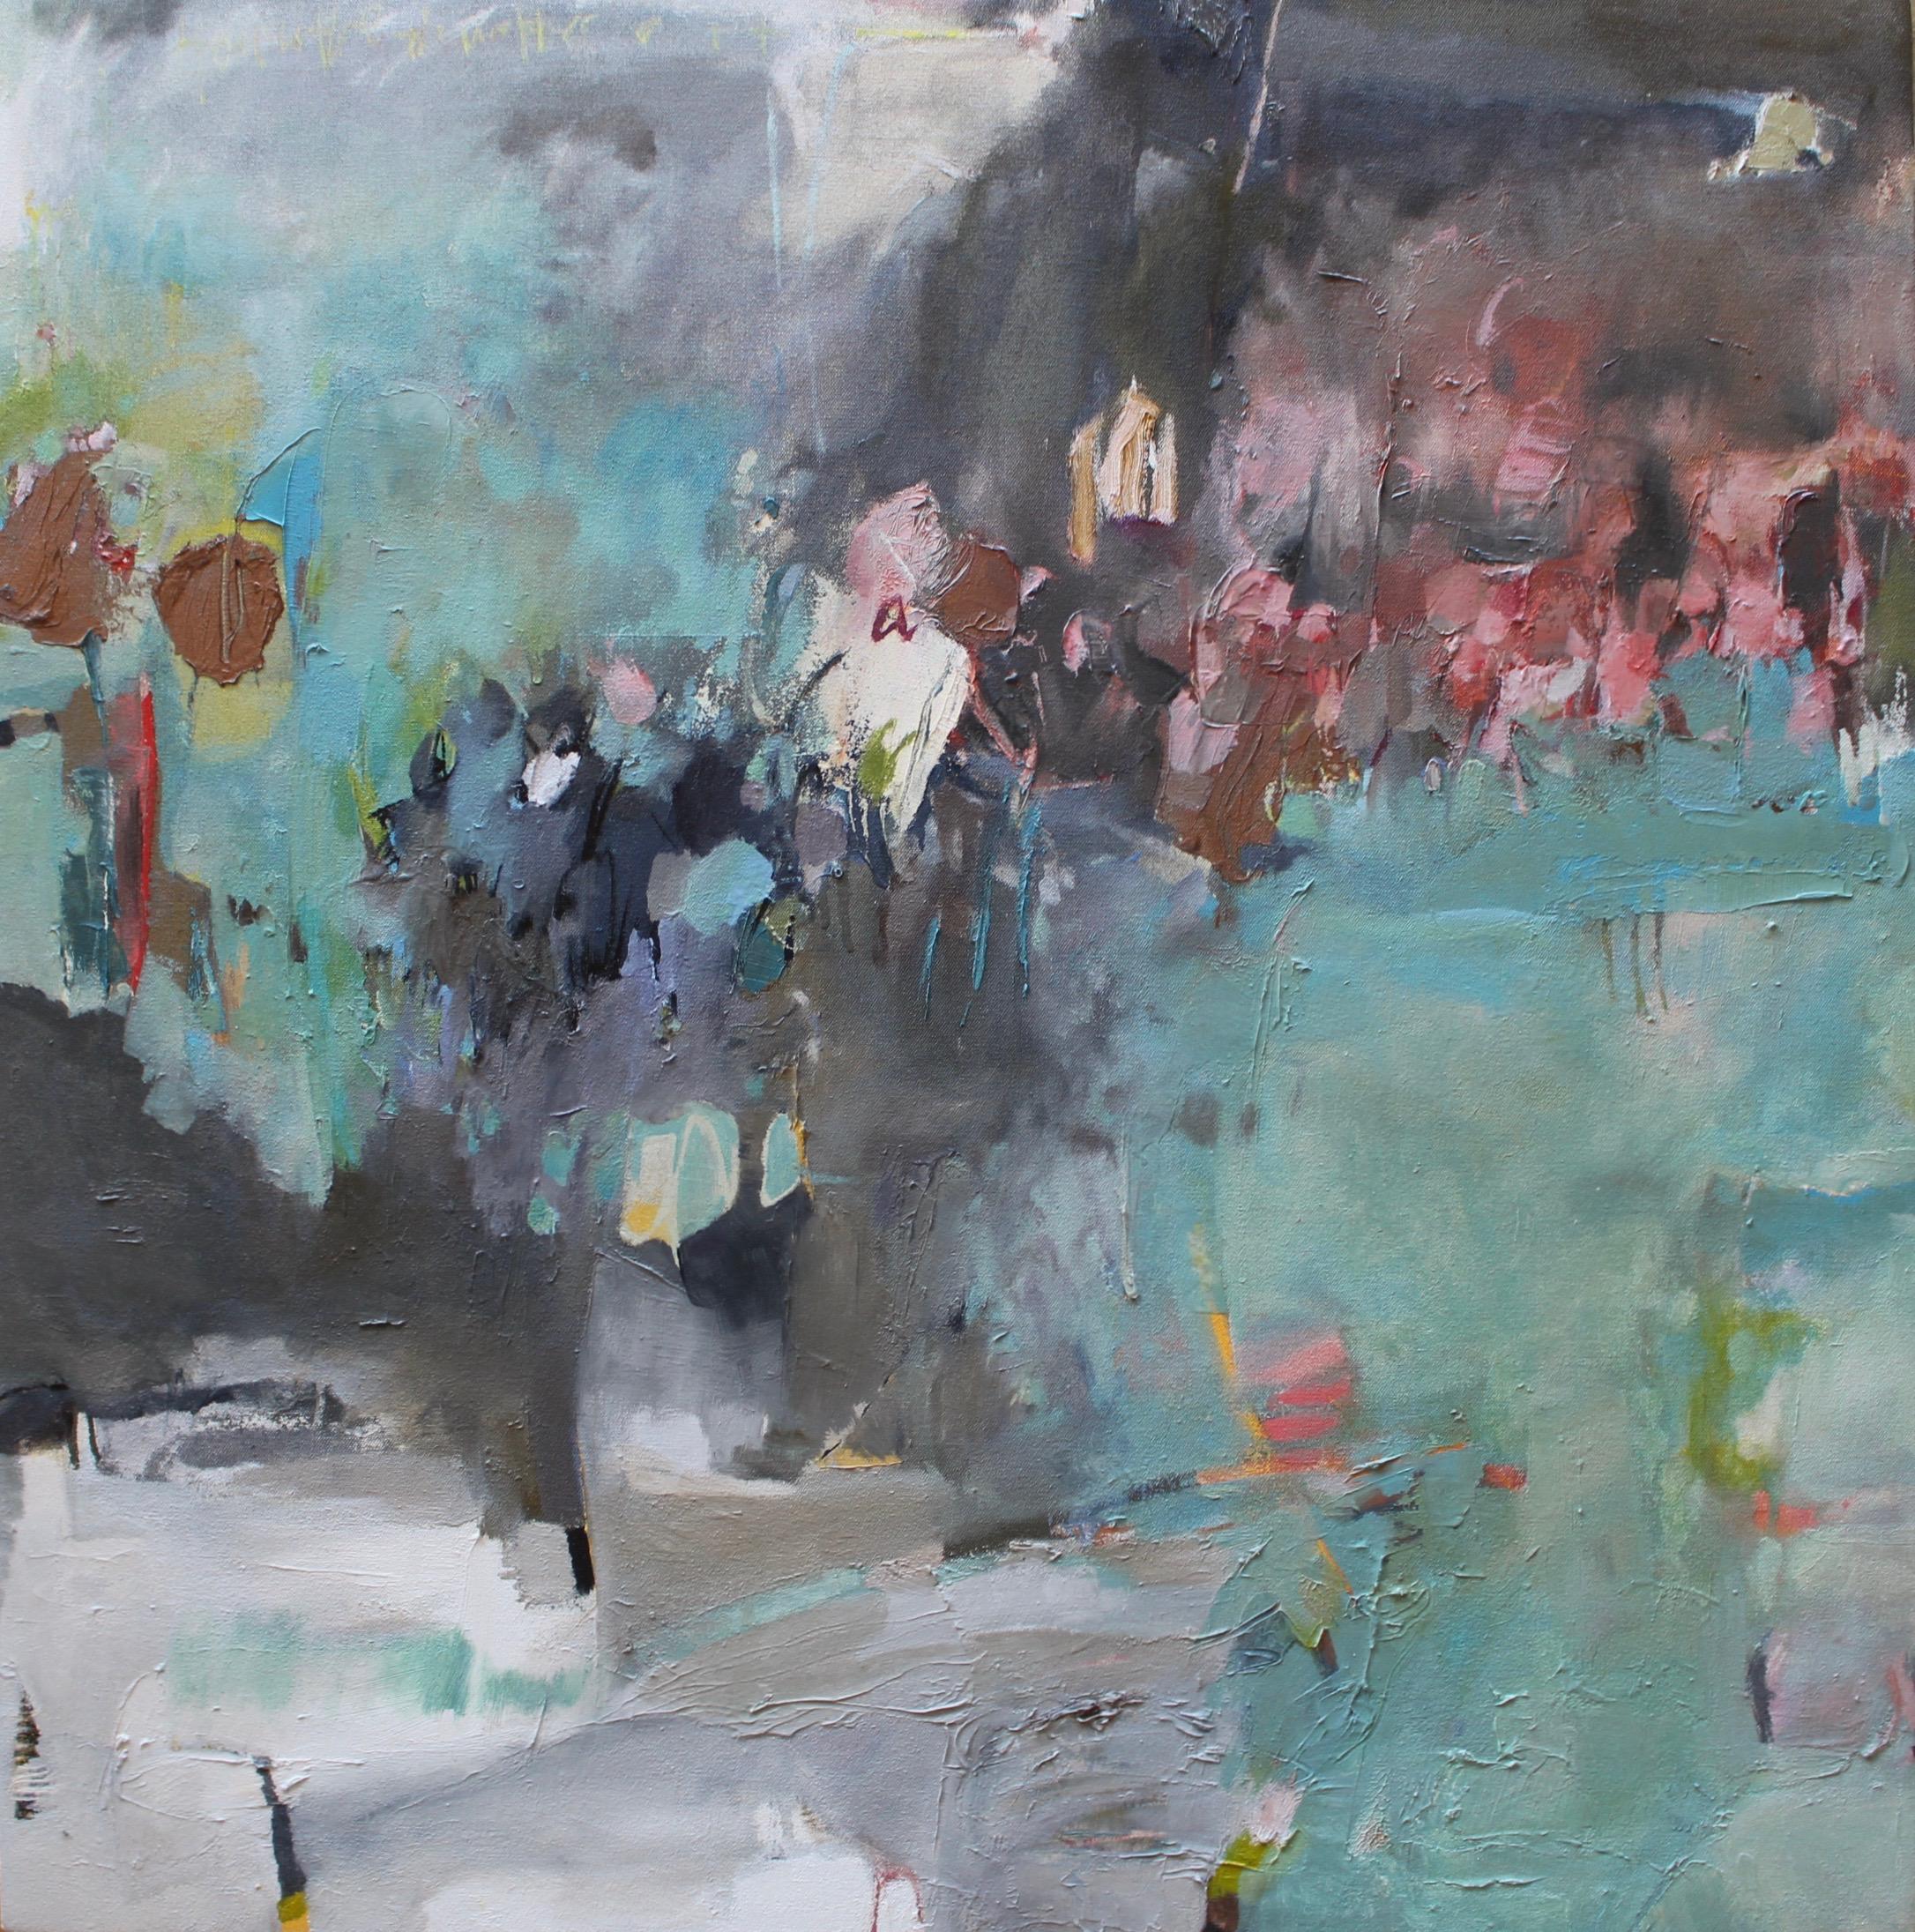 Alchemical Haze, 2018 / Oil on canvas, 30 x 30.5